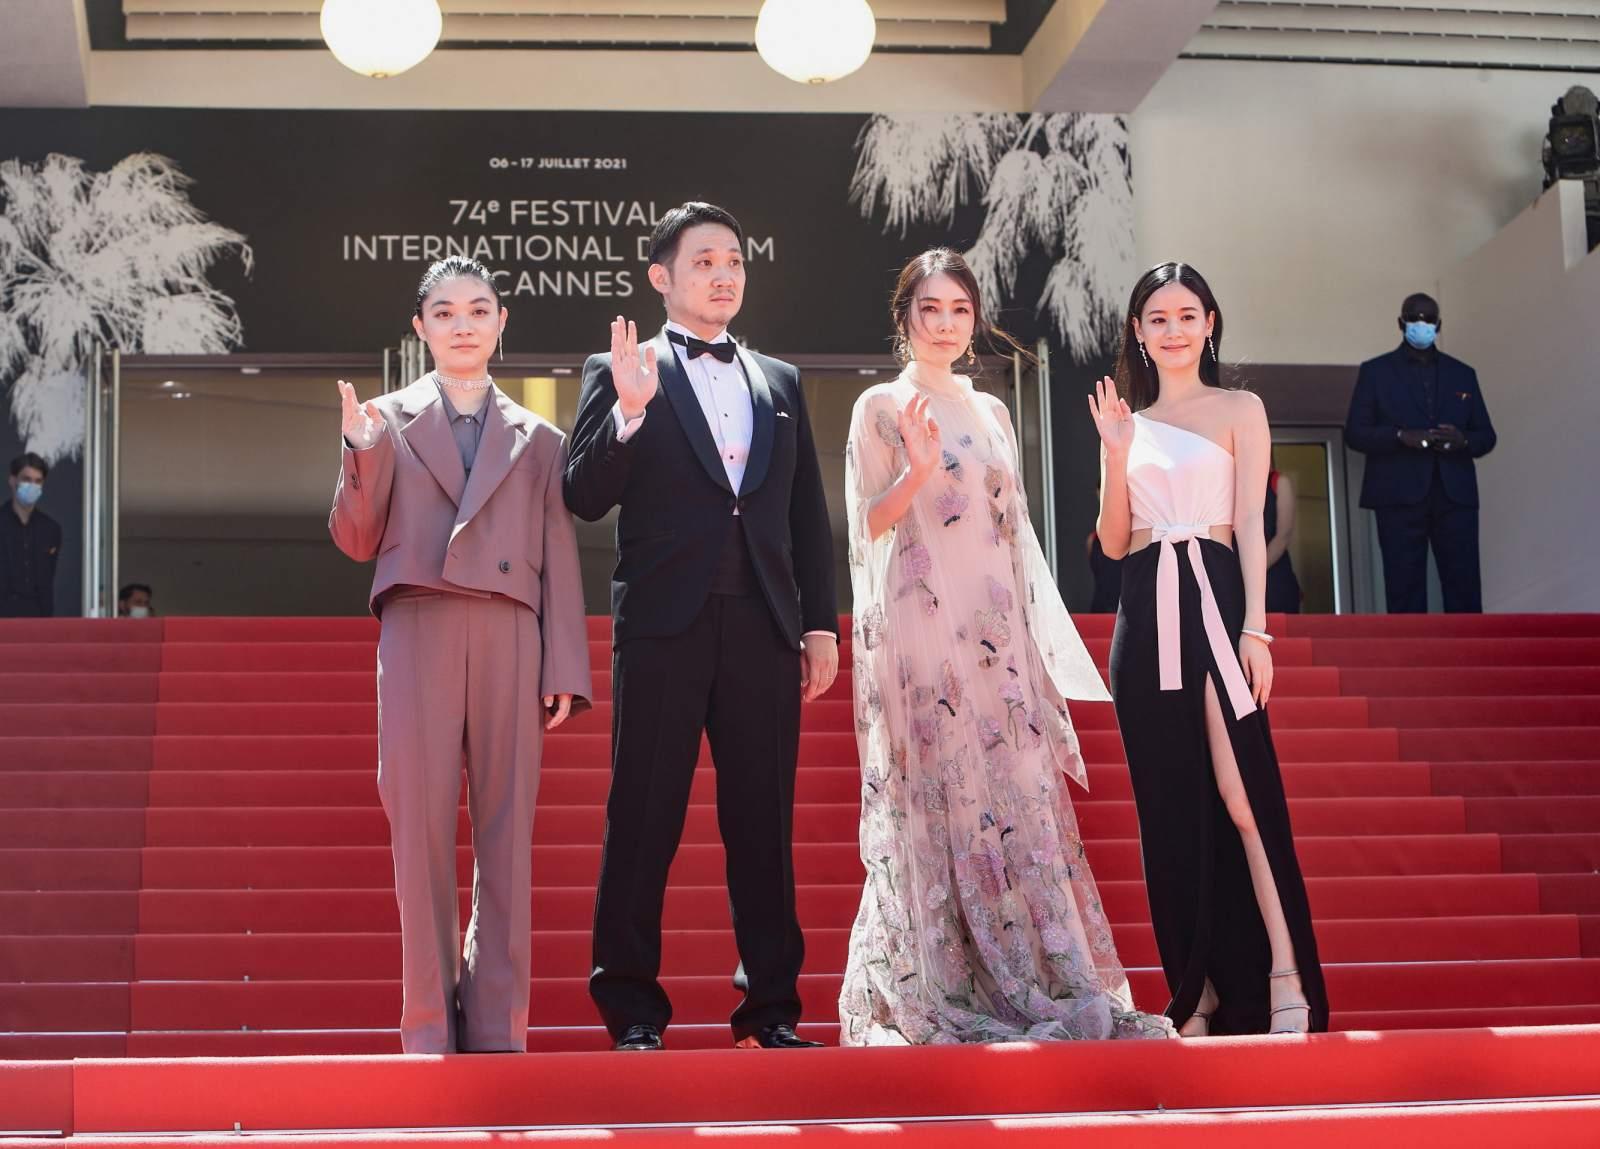 (由左至右)三浦透子、导演滨口龙介、雾岛丽香、袁子芸。(图/祖与占提供)